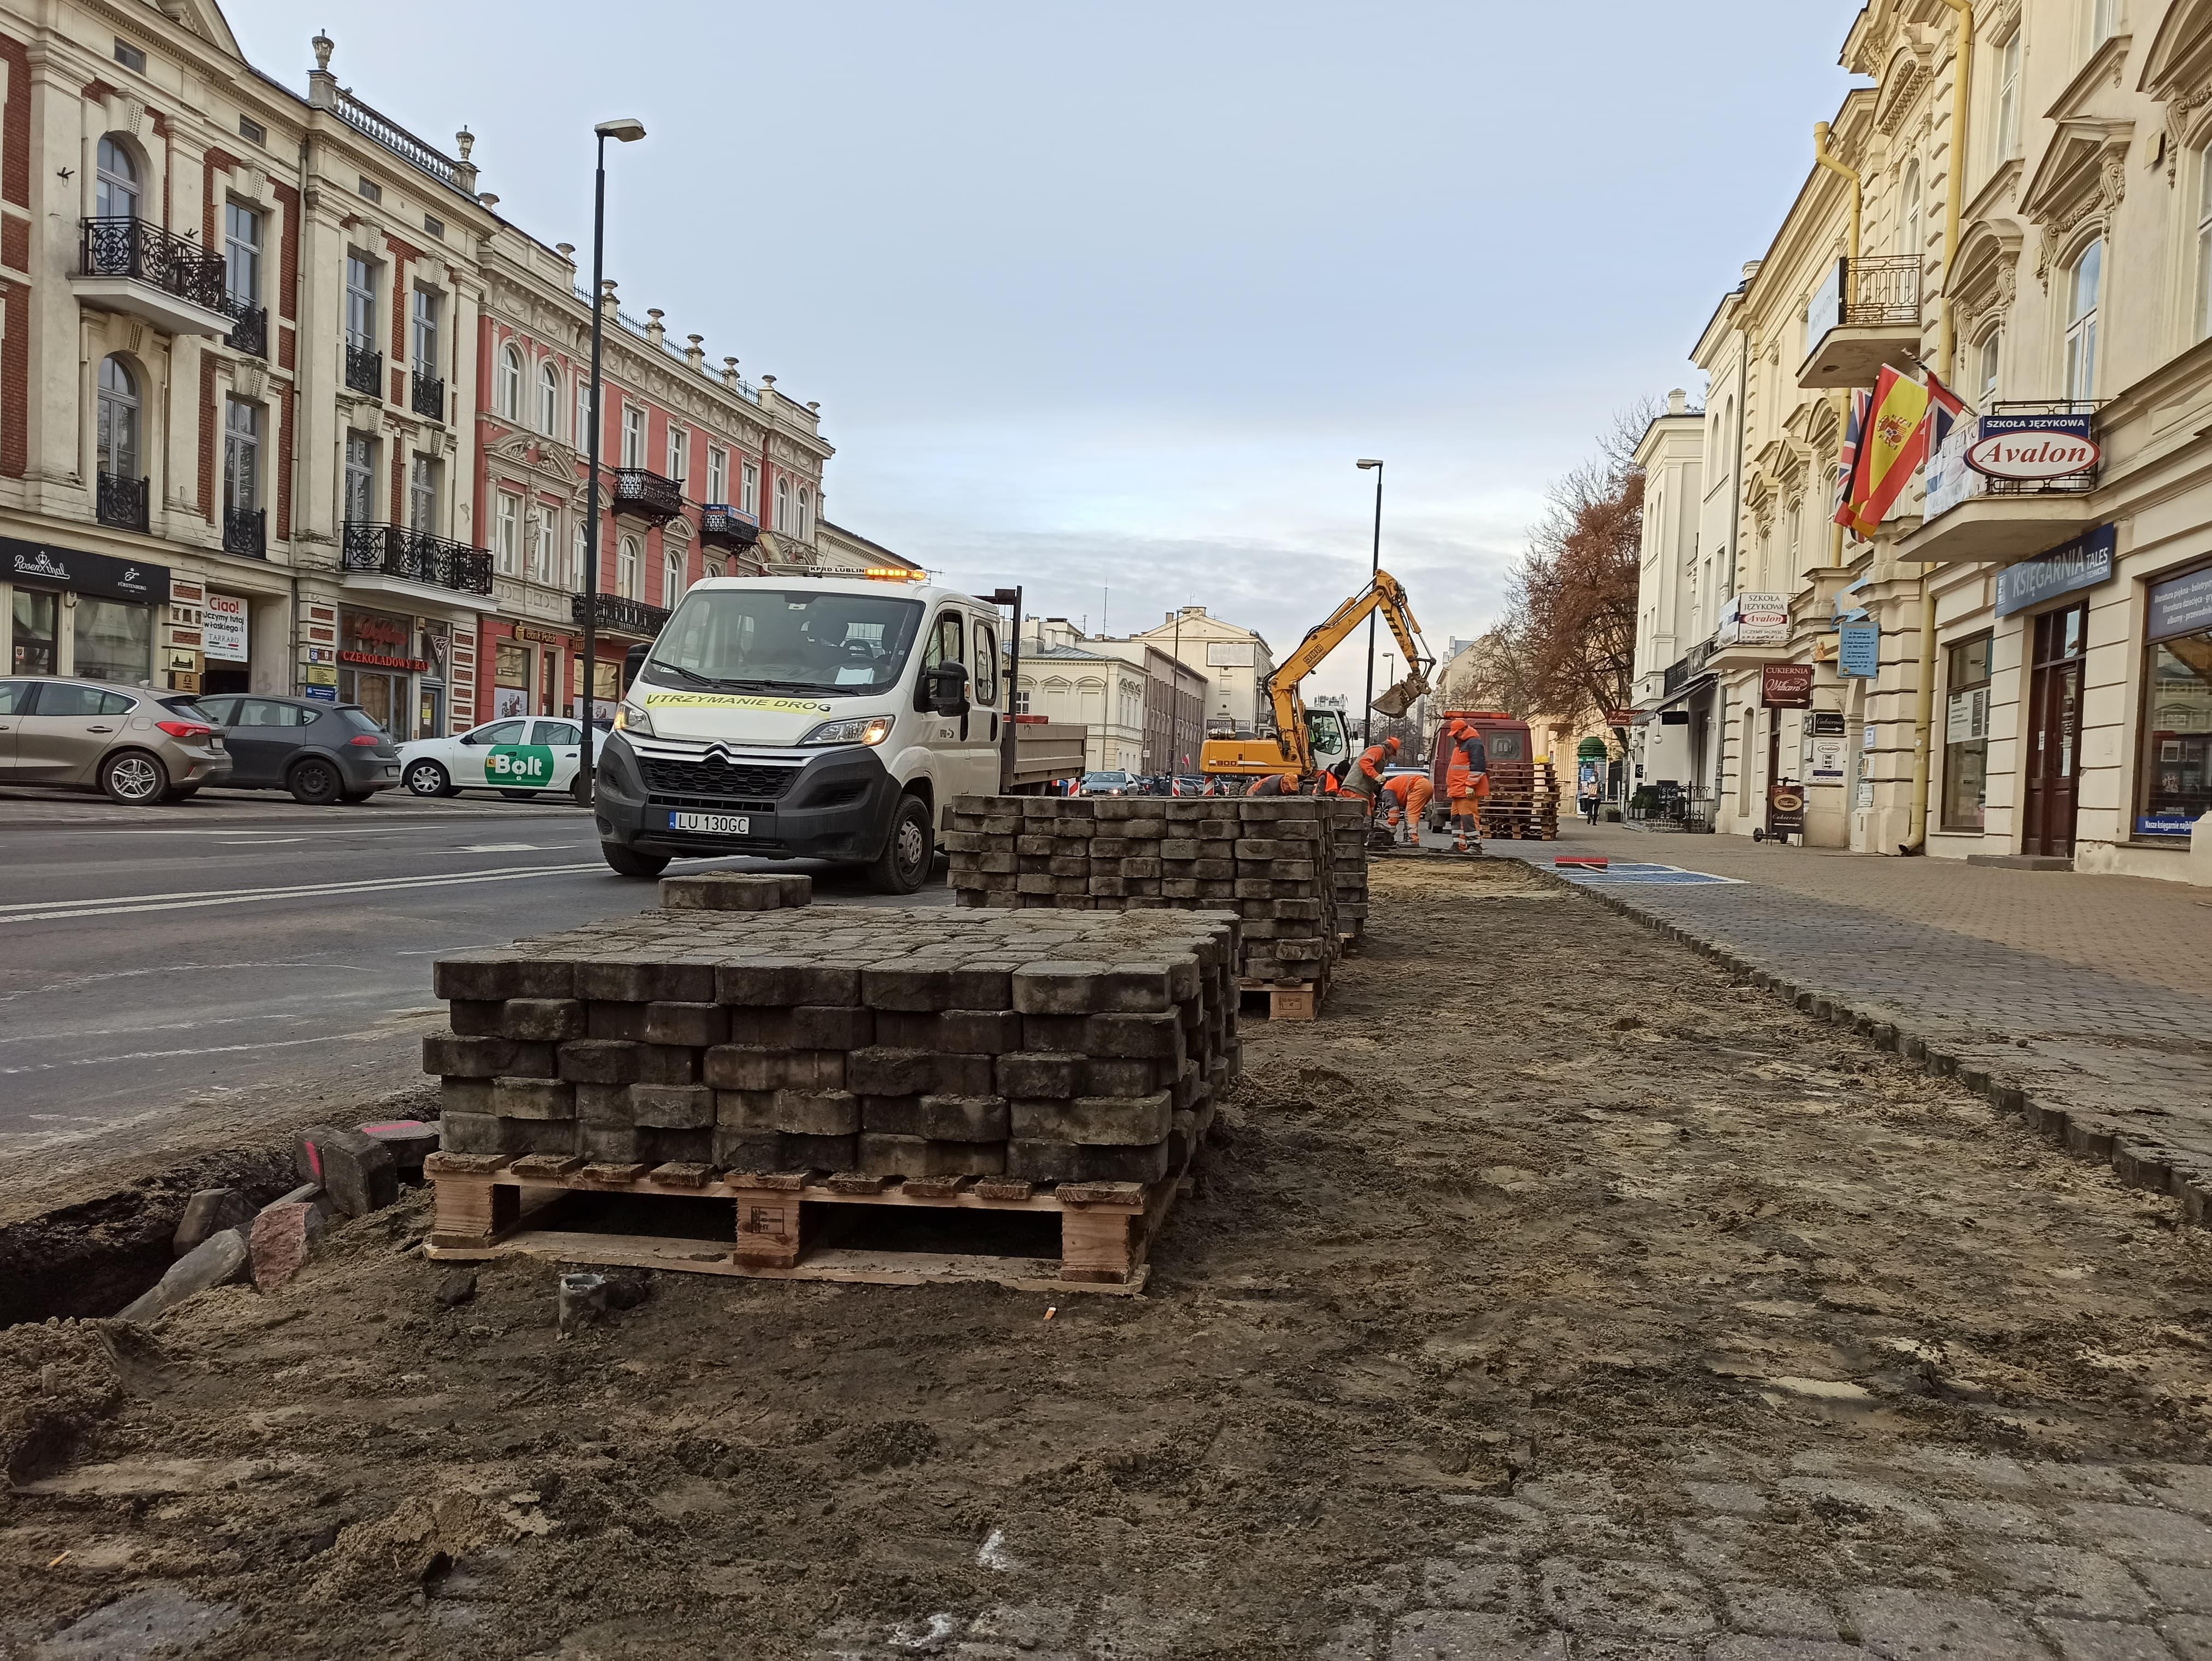 Nowa zieleń w centrum Lublina. Prace rozpoczęte - Zdjęcie główne